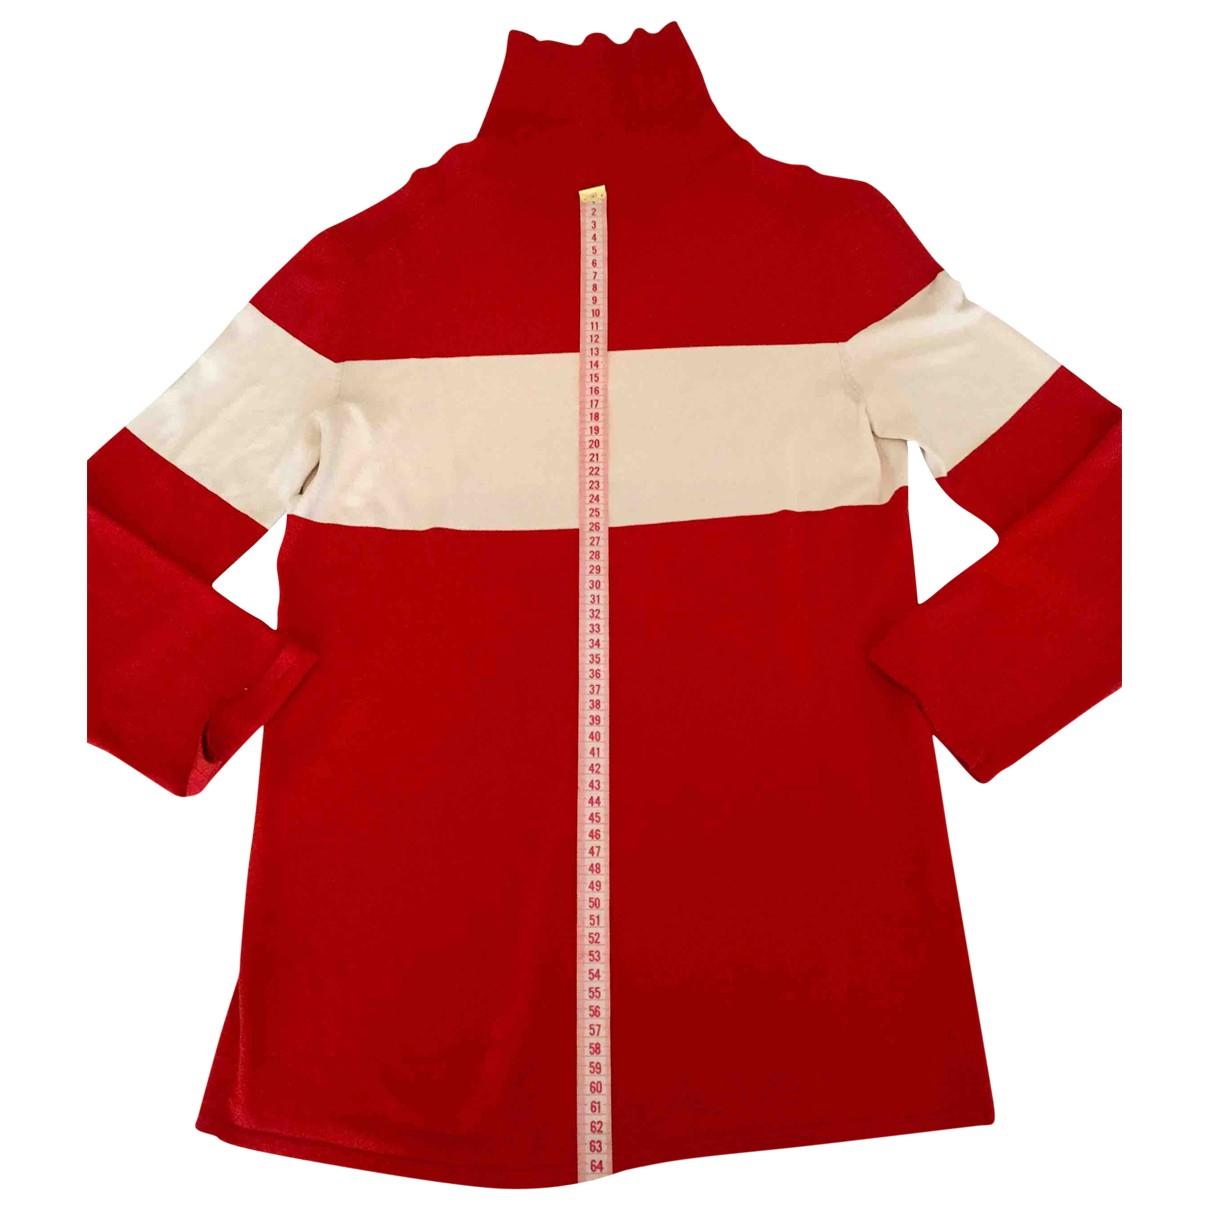 Hermès \N Red Knitwear for Women S International